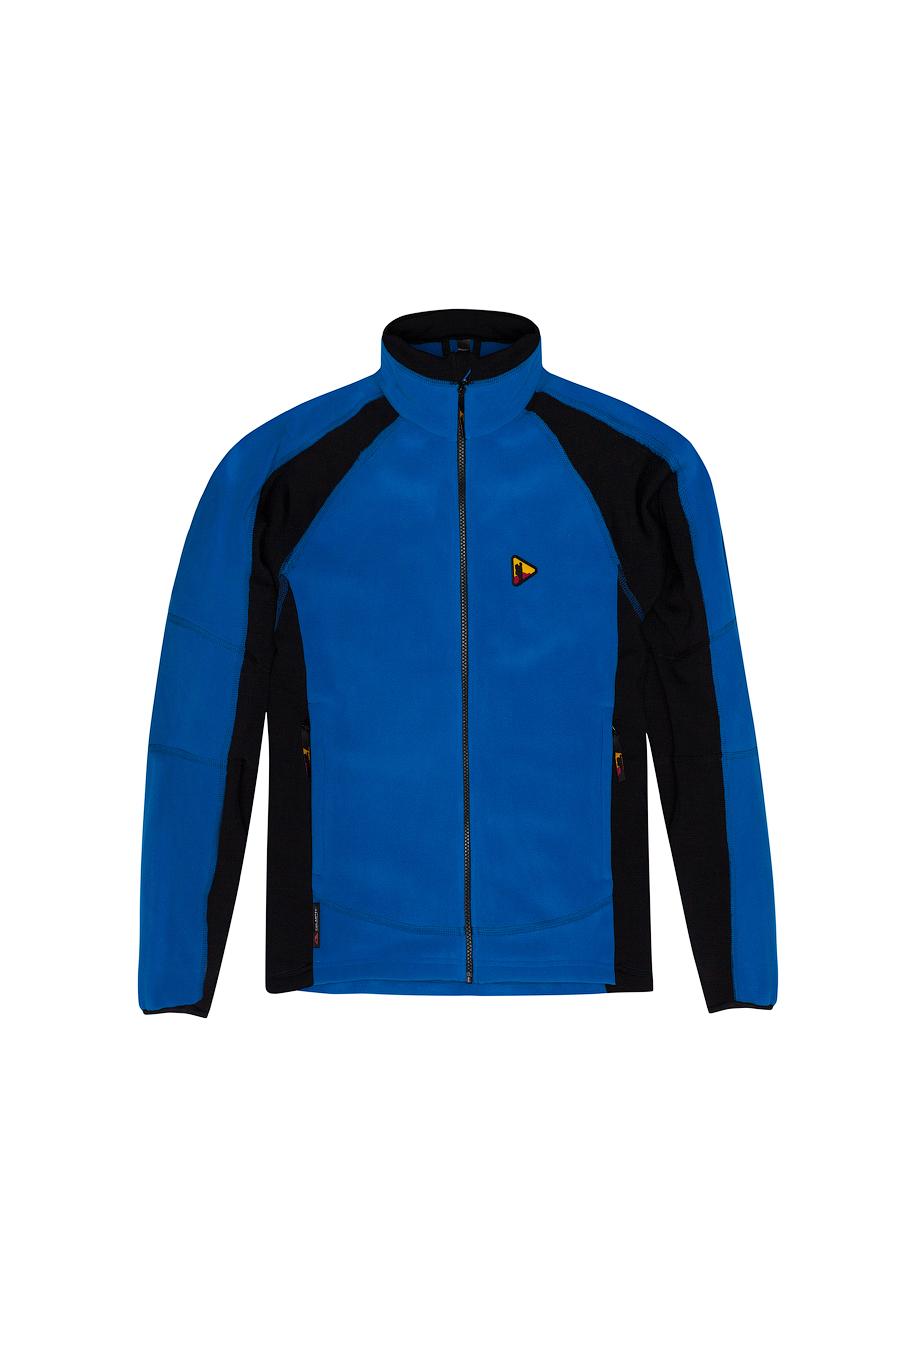 Куртка BASK FORWARD 4107Тёплая  мужская  куртка из ткани Polartec® Thermal Pro®.<br><br>Боковые карманы: 2<br>Вес граммы: 540<br>Ветрозащитная планка: Да<br>Внутренние карманы: 1<br>Материал: Polartec® Thermal Pro® плюс Polartec® Power Stretch®<br>Материал усиления: нет<br>Пол: Муж.<br>Регулировка вентиляции: Нет<br>Регулировка низа: Да<br>Регулируемые вентиляционные отверстия: Нет<br>Тип молнии: однозамковая<br>Усиление контактных зон: Нет<br>Размер INT: XXL<br>Цвет: ЧЕРНЫЙ